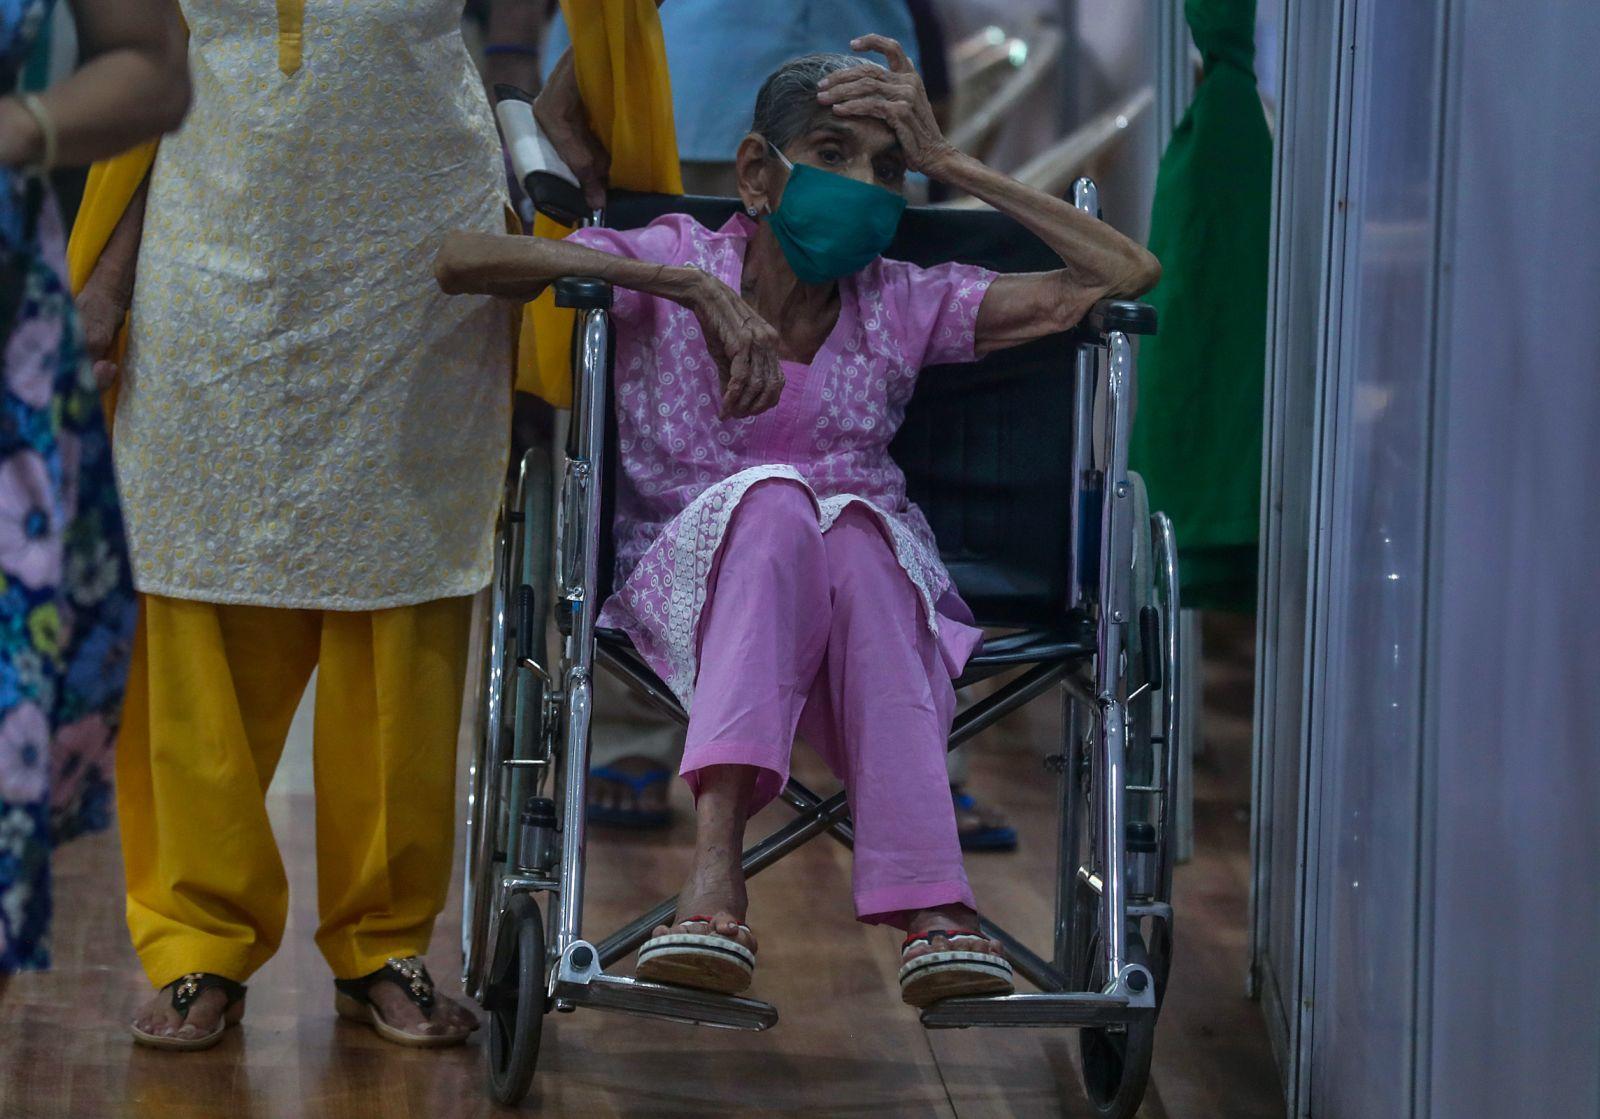 """Chùm ảnh 1 tuần Ấn Độ lầm than vì """"đại hồng thủy"""" Covid-19: Khói lửa mù mịt cay xè mắt, đau thắt ruột gan tiễn biệt người thân chết trong đau đớn - Ảnh 19."""